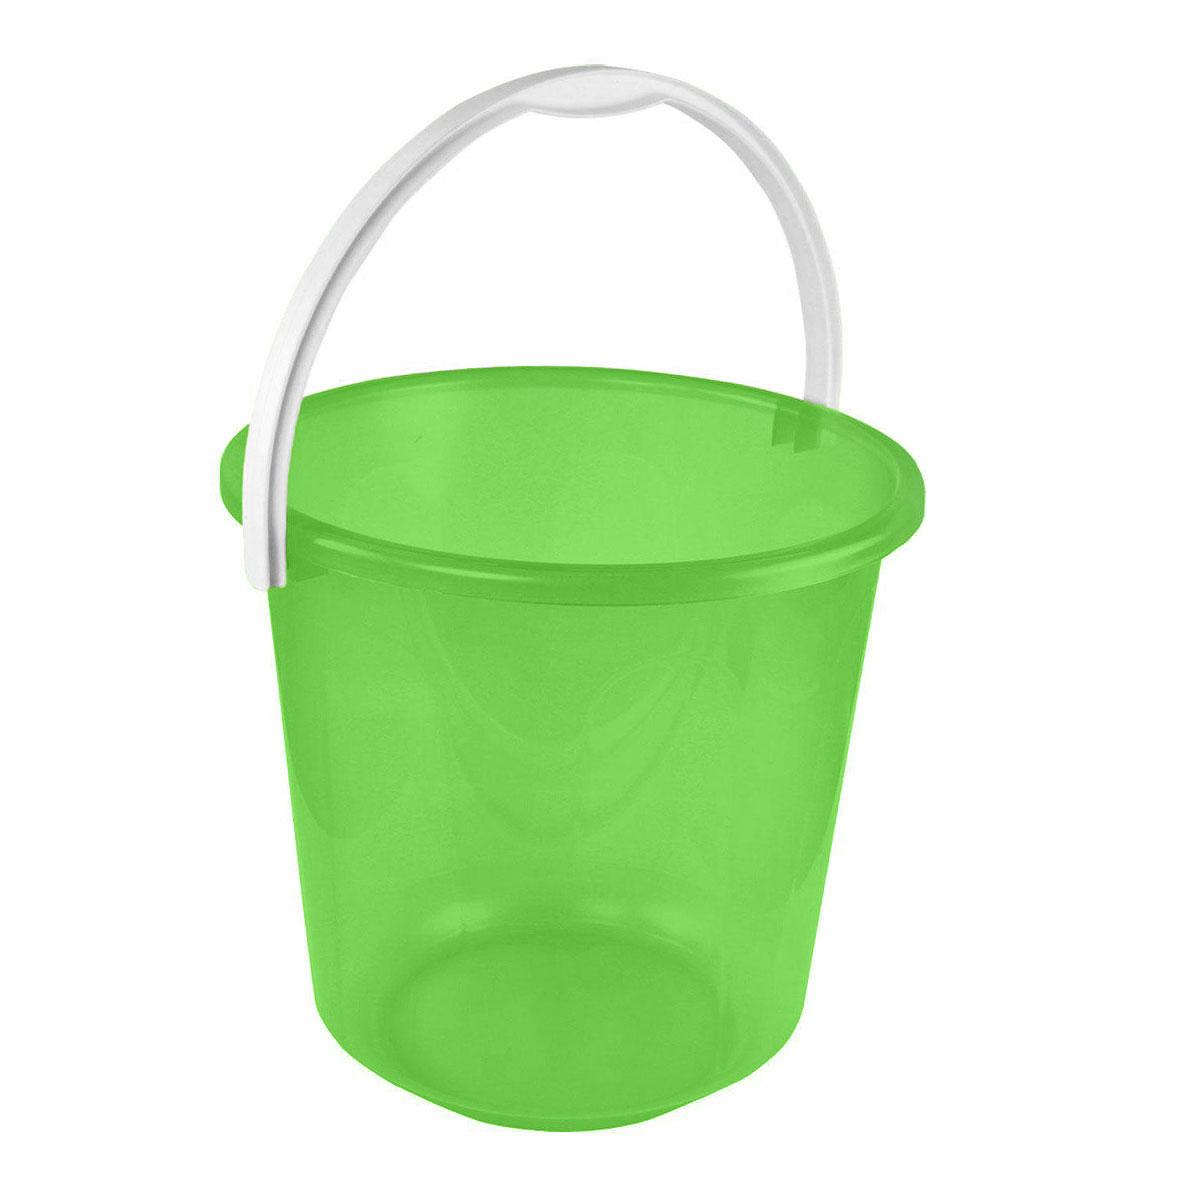 Ведро Альтернатива Хозяюшка, цвет: зеленый, 10 лМ1212Ведро Альтернатива Хозяюшка изготовлено из высококачественного пластика и оснащено отметками литража. Оно легче железного и не подвержено коррозии. Ведро имеет удобную пластиковую ручку. Такое ведро станет незаменимым помощником в хозяйстве. Идеально для хранения пищевых отходов. Размер: 28 см х 28 см х 26,5 см.